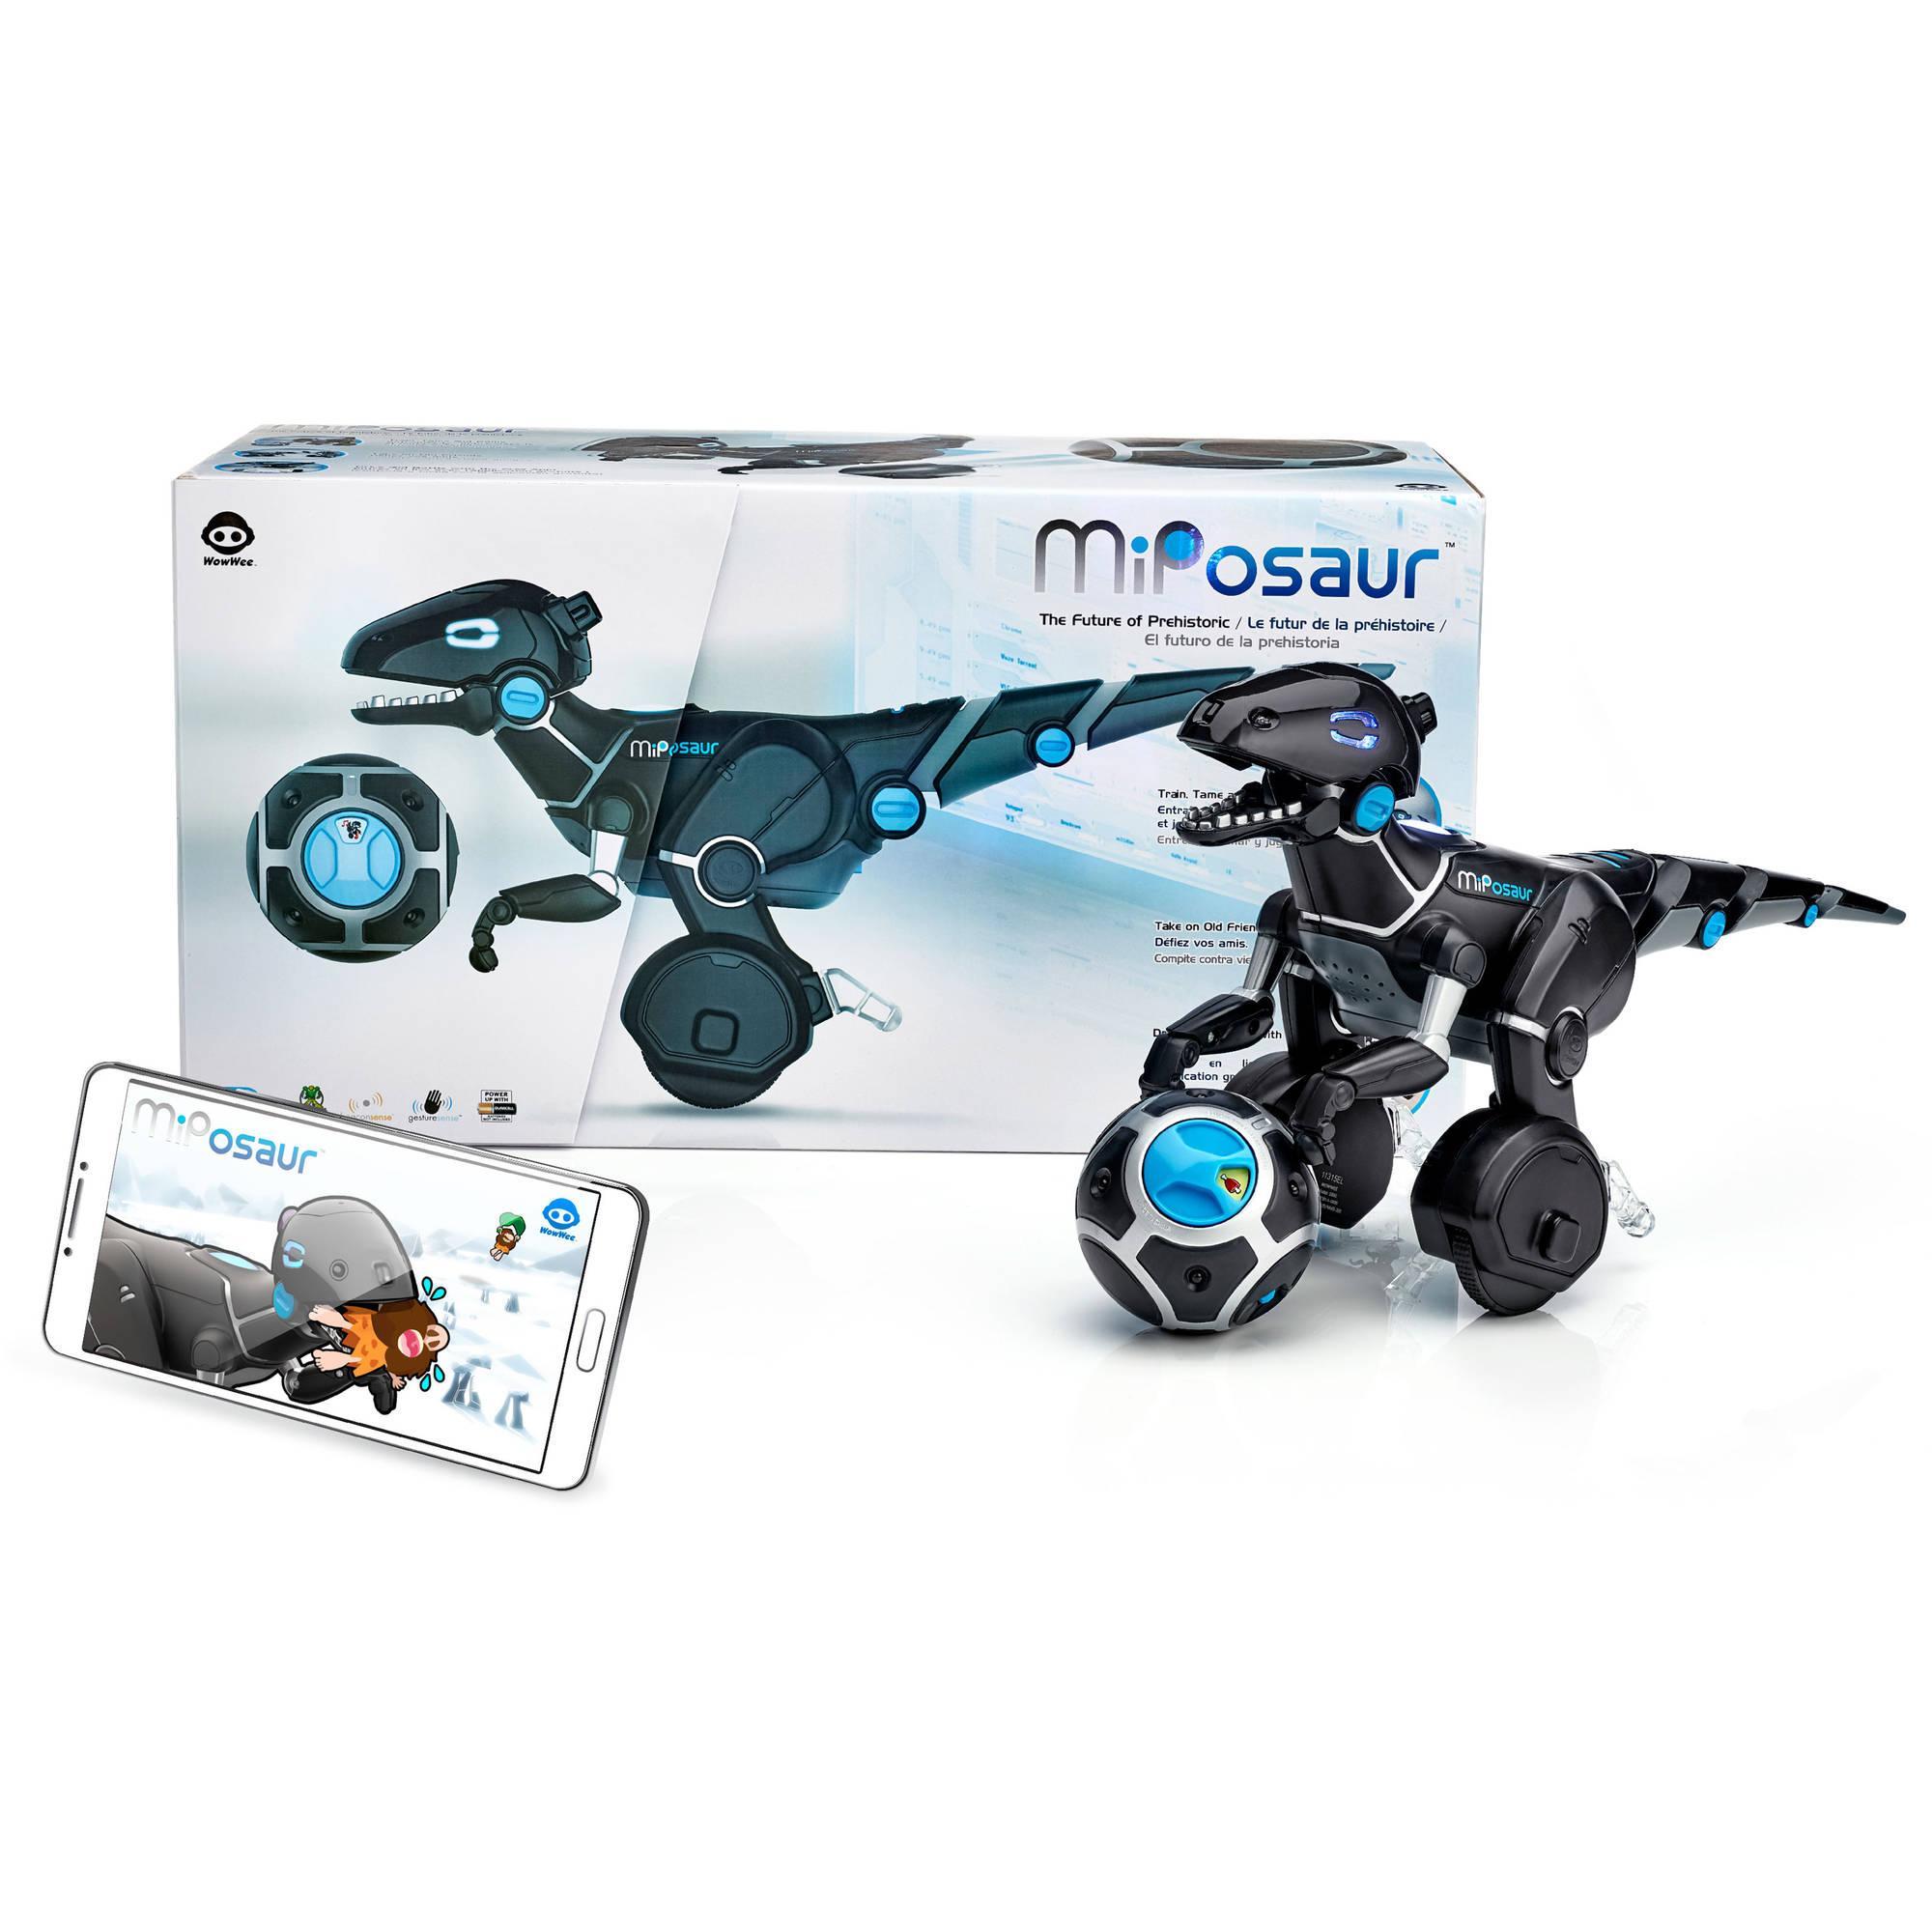 Hình ảnh Khủng Long WowWee - đồ chơi điều khiển từ xa - vận động ngoài trời - cảm ứng thông minh